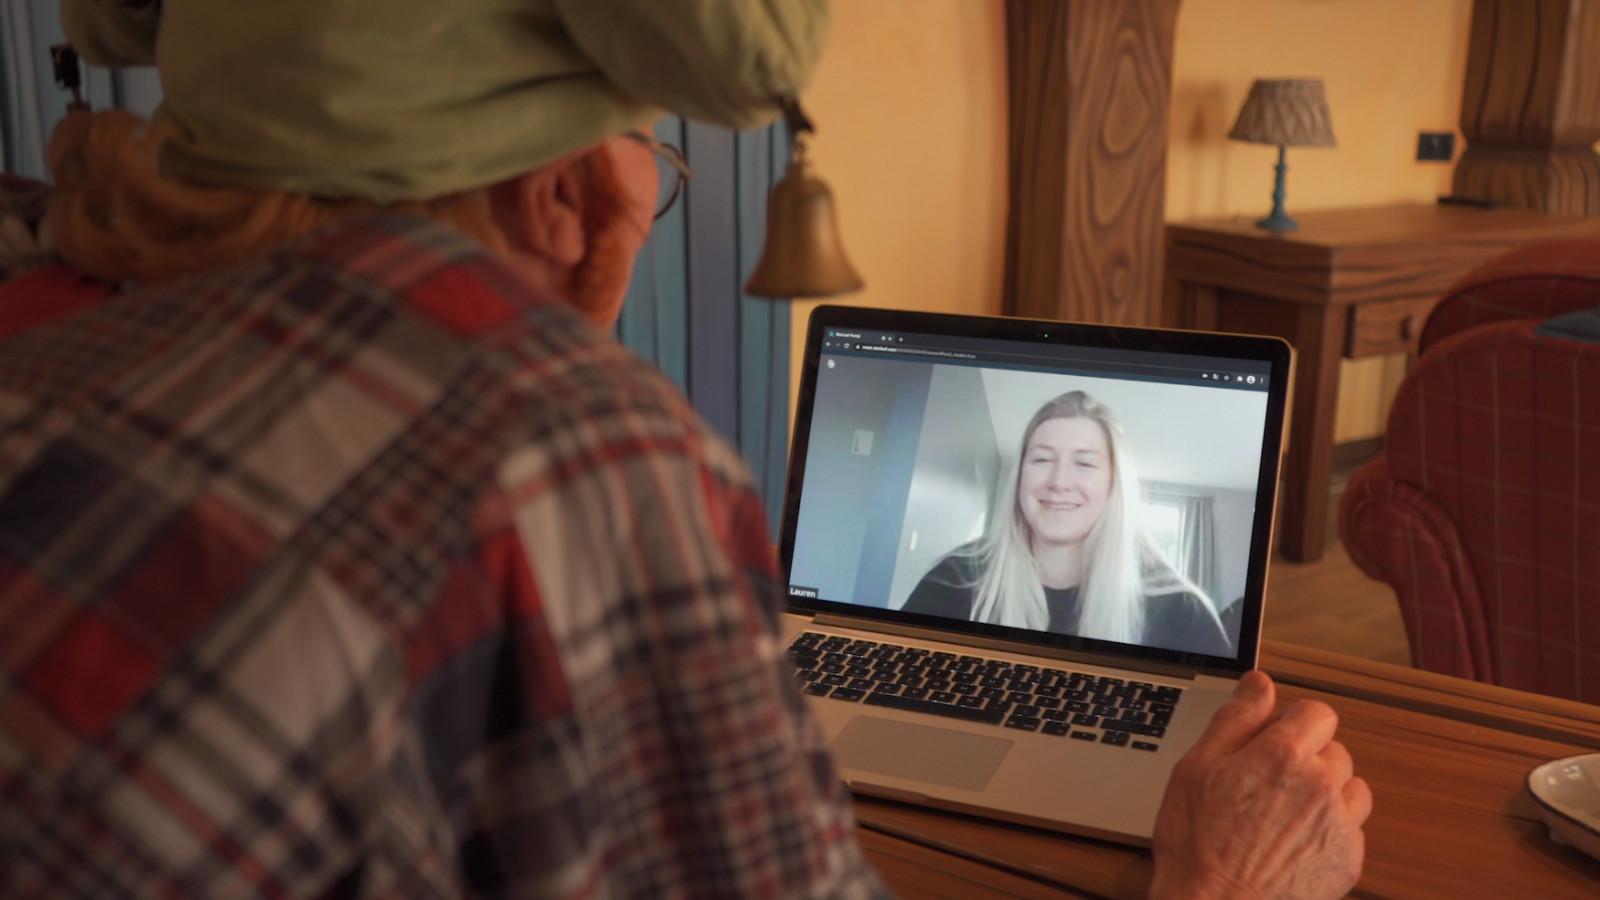 VIDEO: Kabouter Klus zoekt 750 nieuwe medewerkers via online sollicitatiegesprek